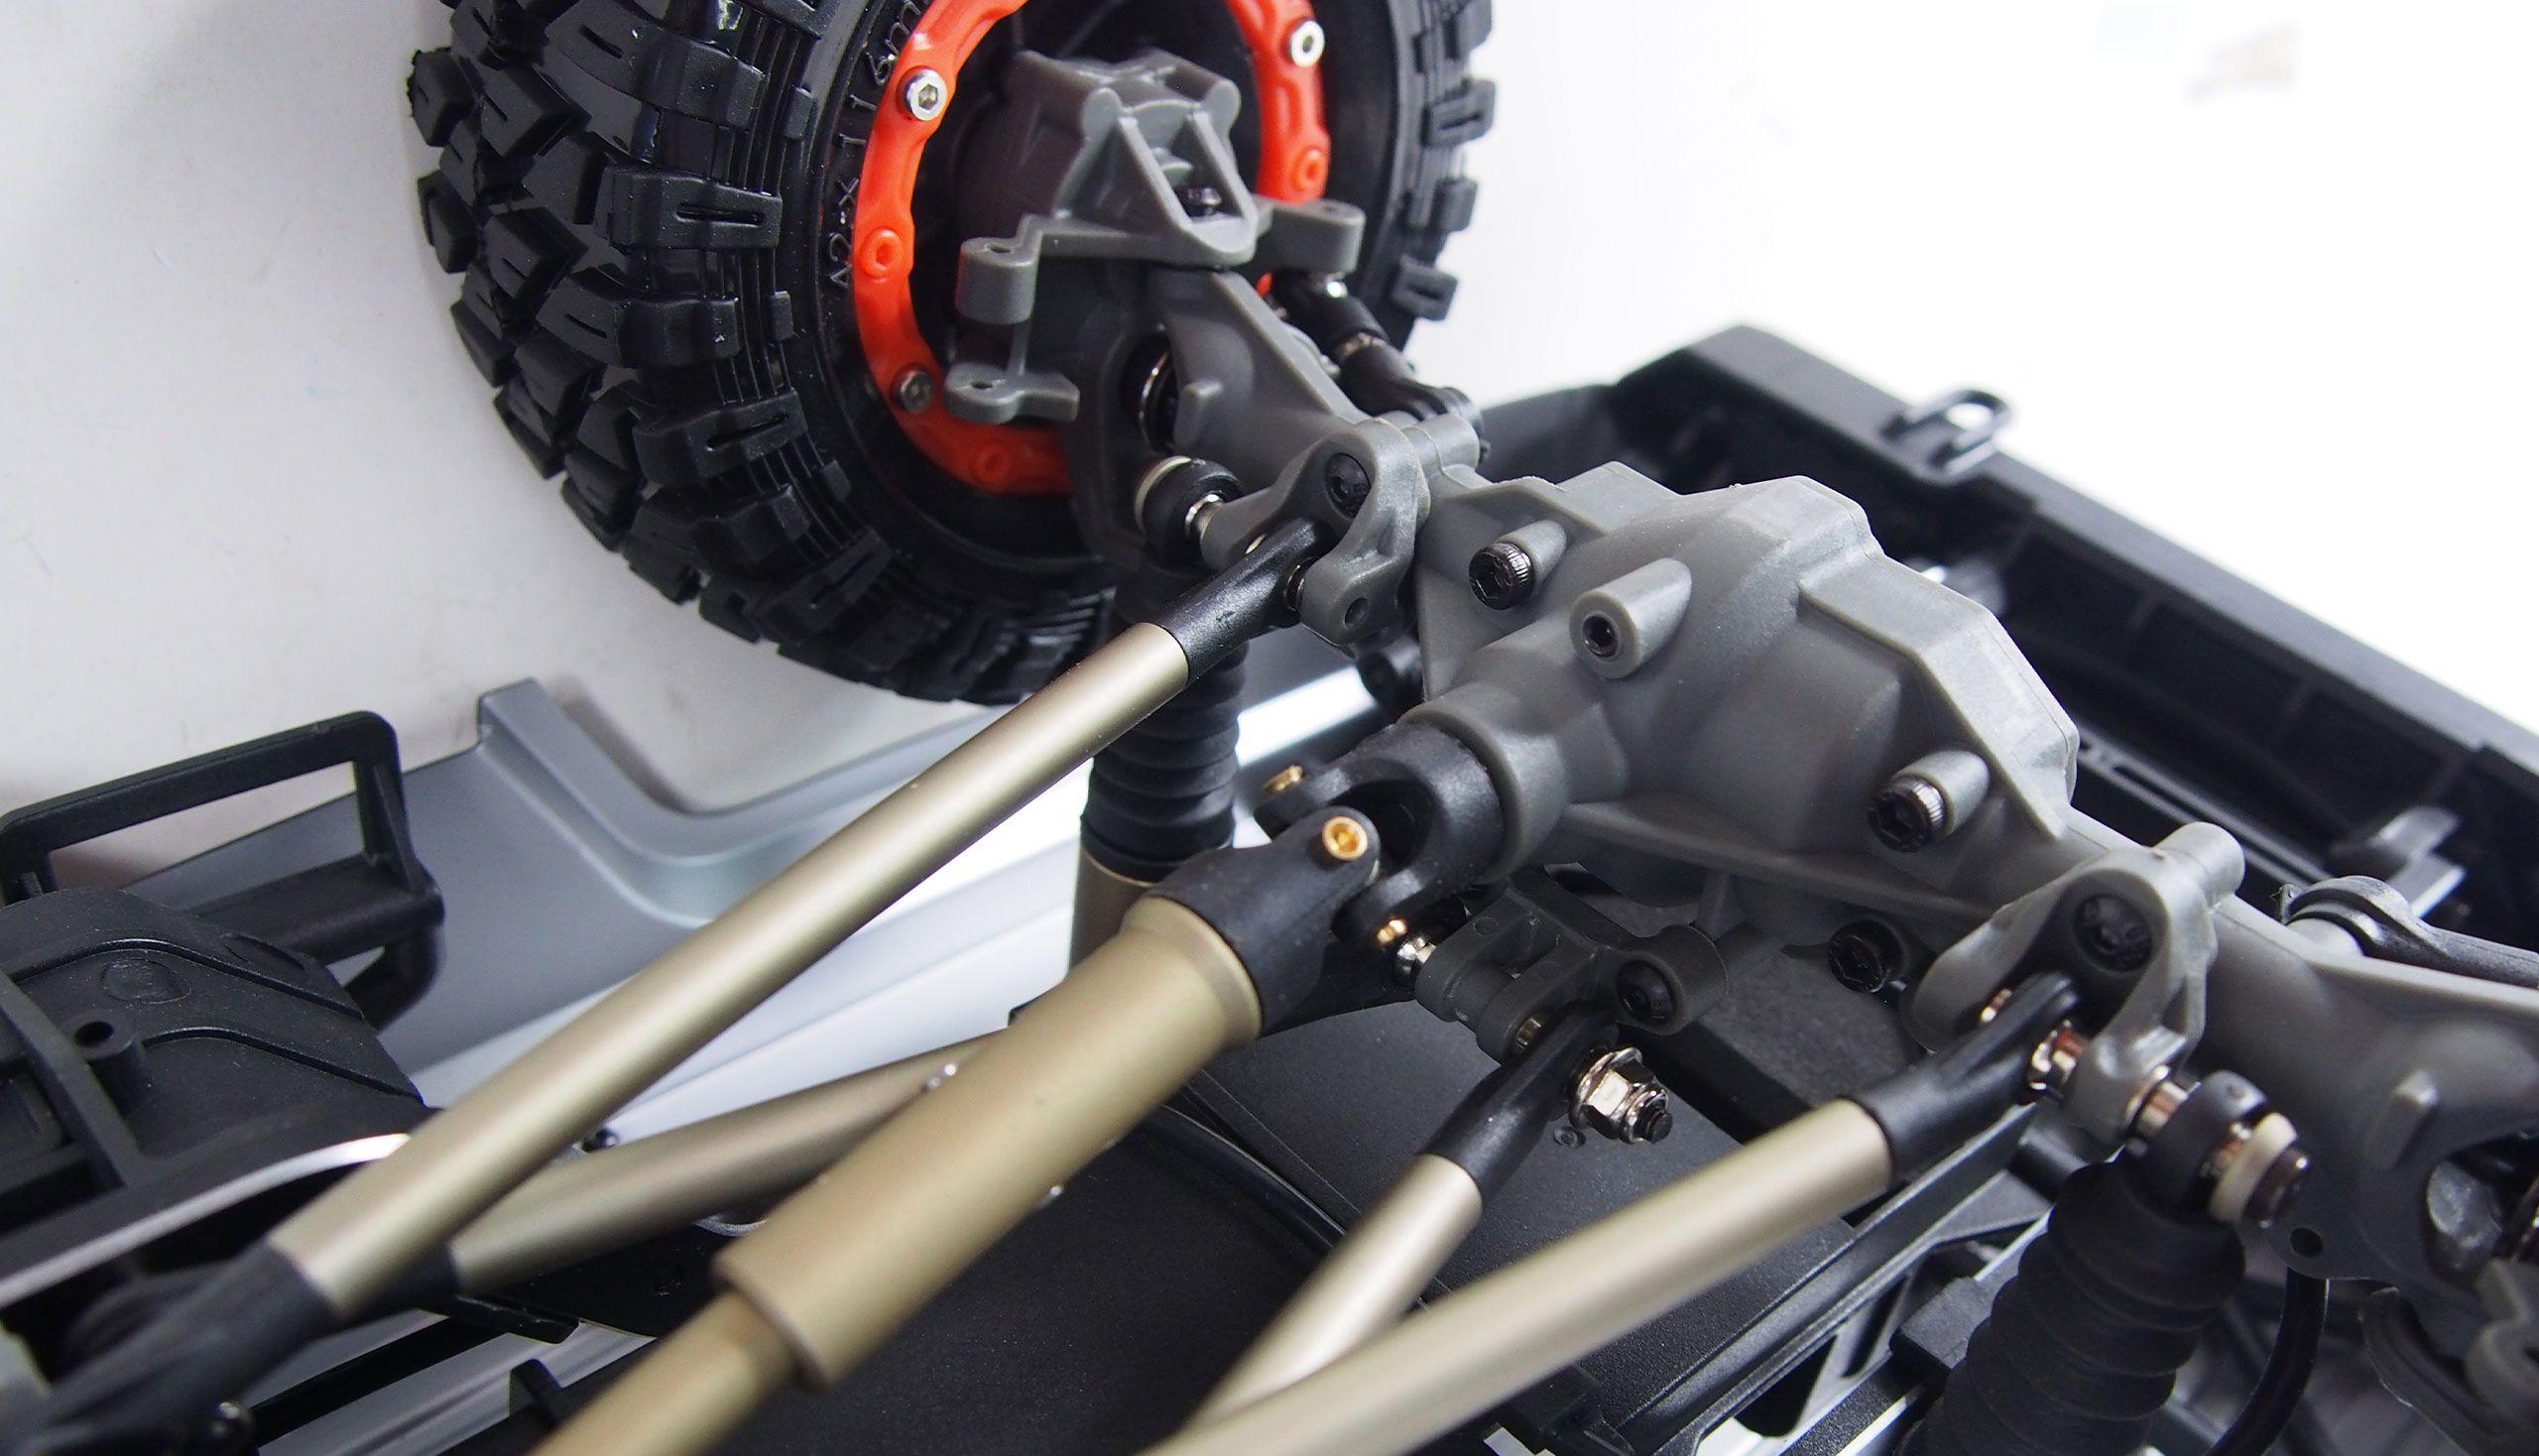 AMX Rock RCX10P 2,4 Ghz PROFI s uzávěrkami 1:10 RTR a portálovými nápravami, 2 rychlosti